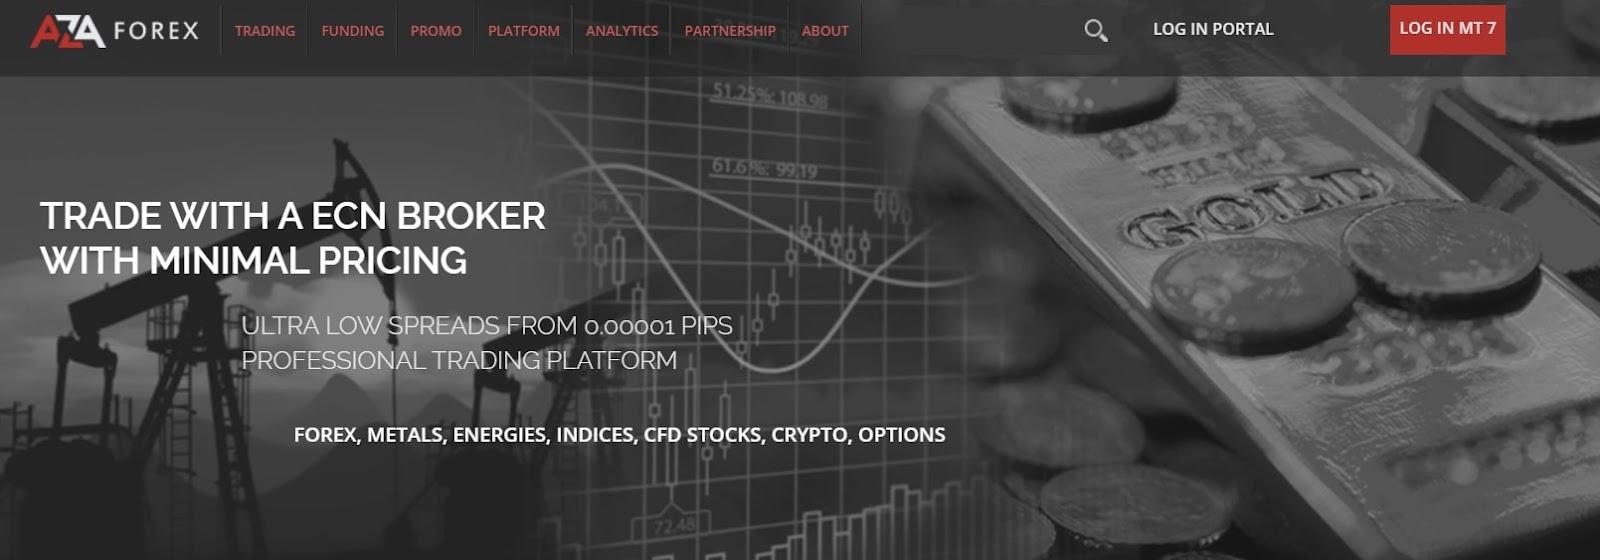 AzaForex: отзывы пользователей и обзор возможностей, которые предлагает брокер реальные отзывы